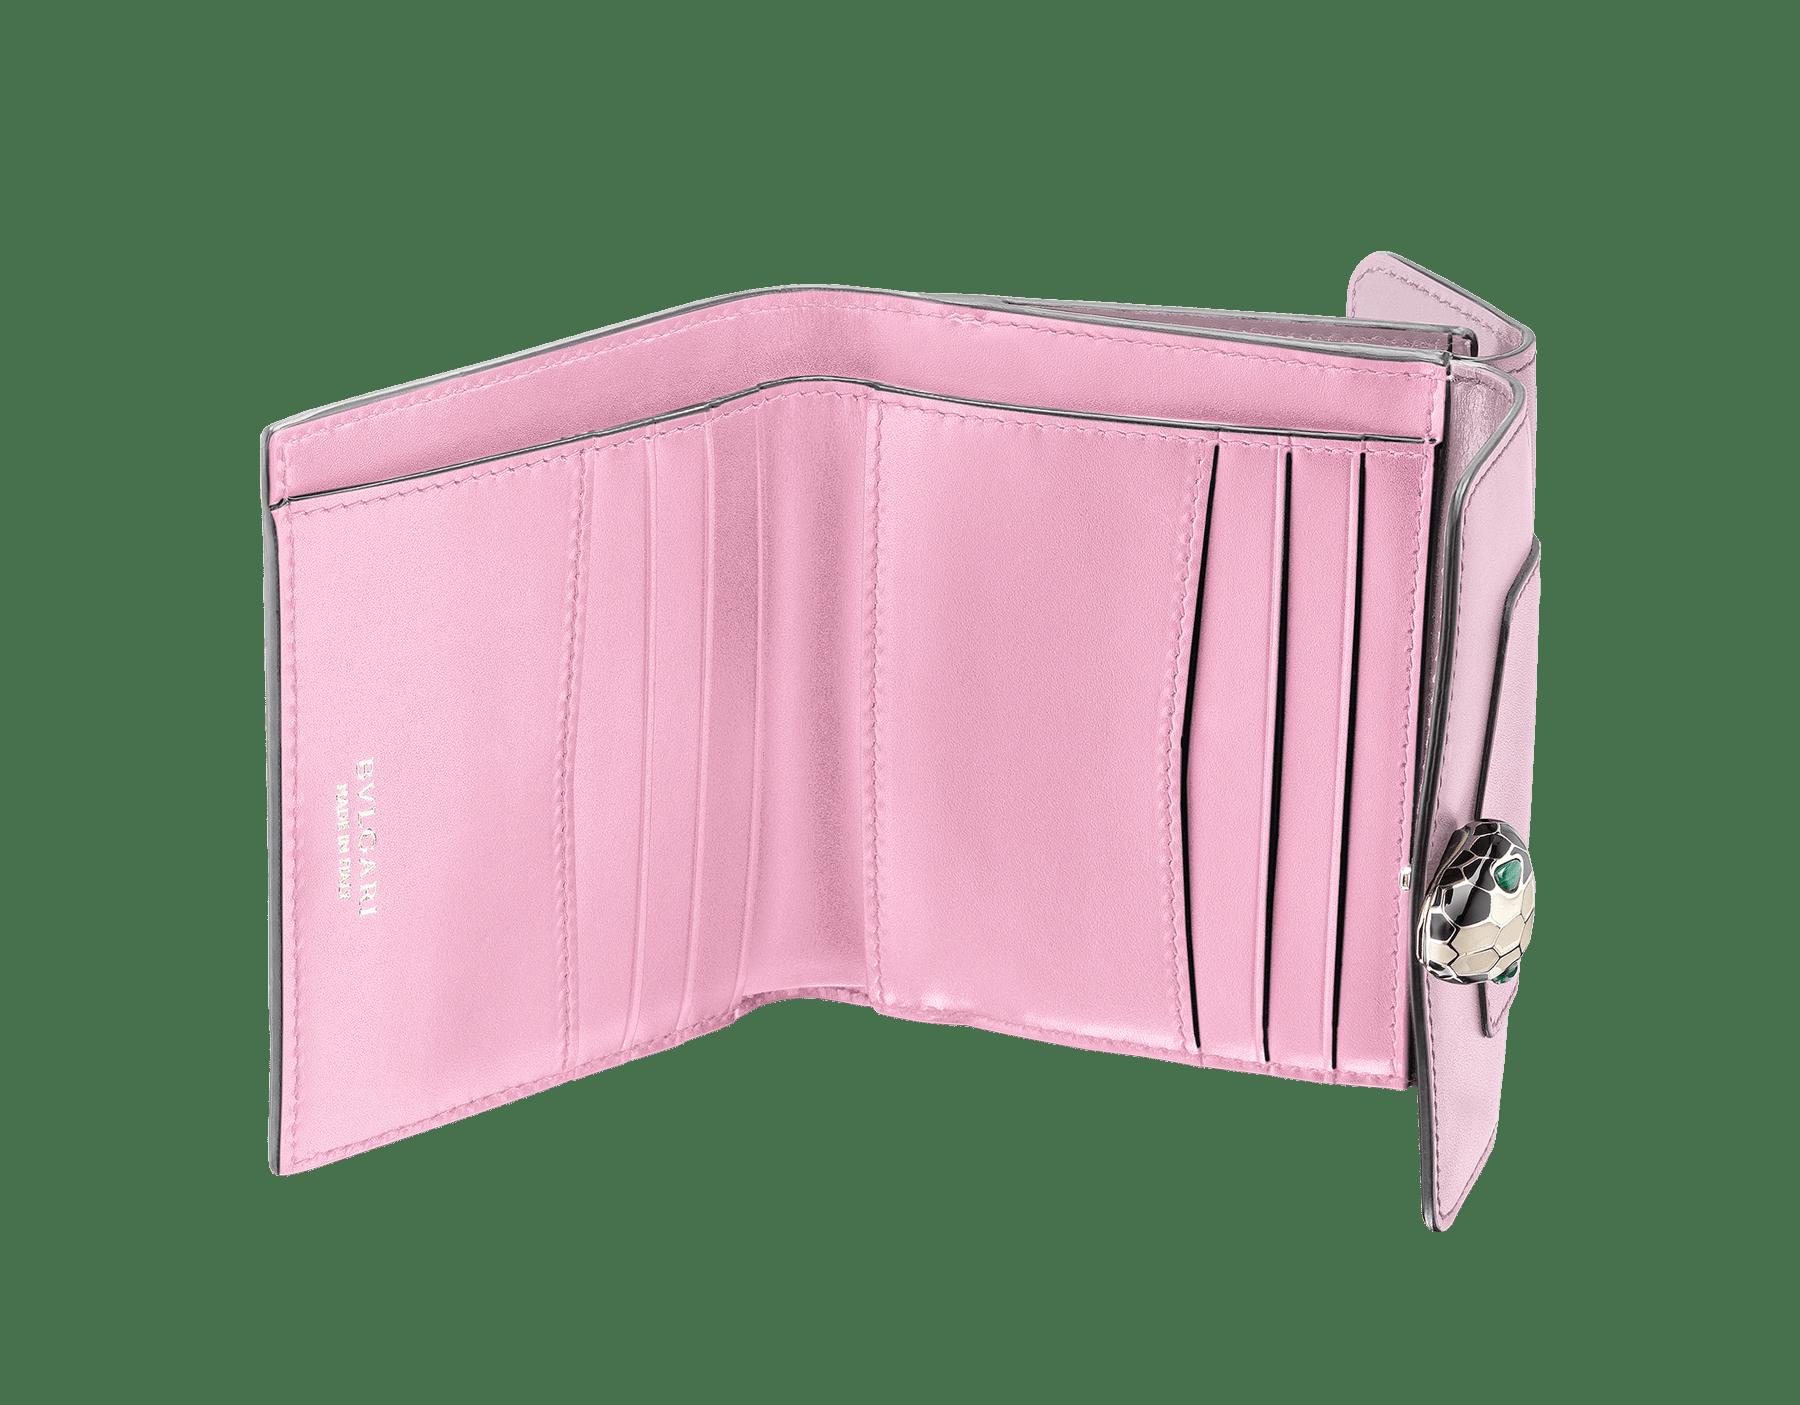 Portefeuille compact carré Serpenti Forever en cuir de veau couleur Sea Star Coral et Pink Spinel. Bijou Serpenti emblématique en émail noir et blanc avec yeux en malachite. SEA-WLT-COMPACT-3Fb image 2